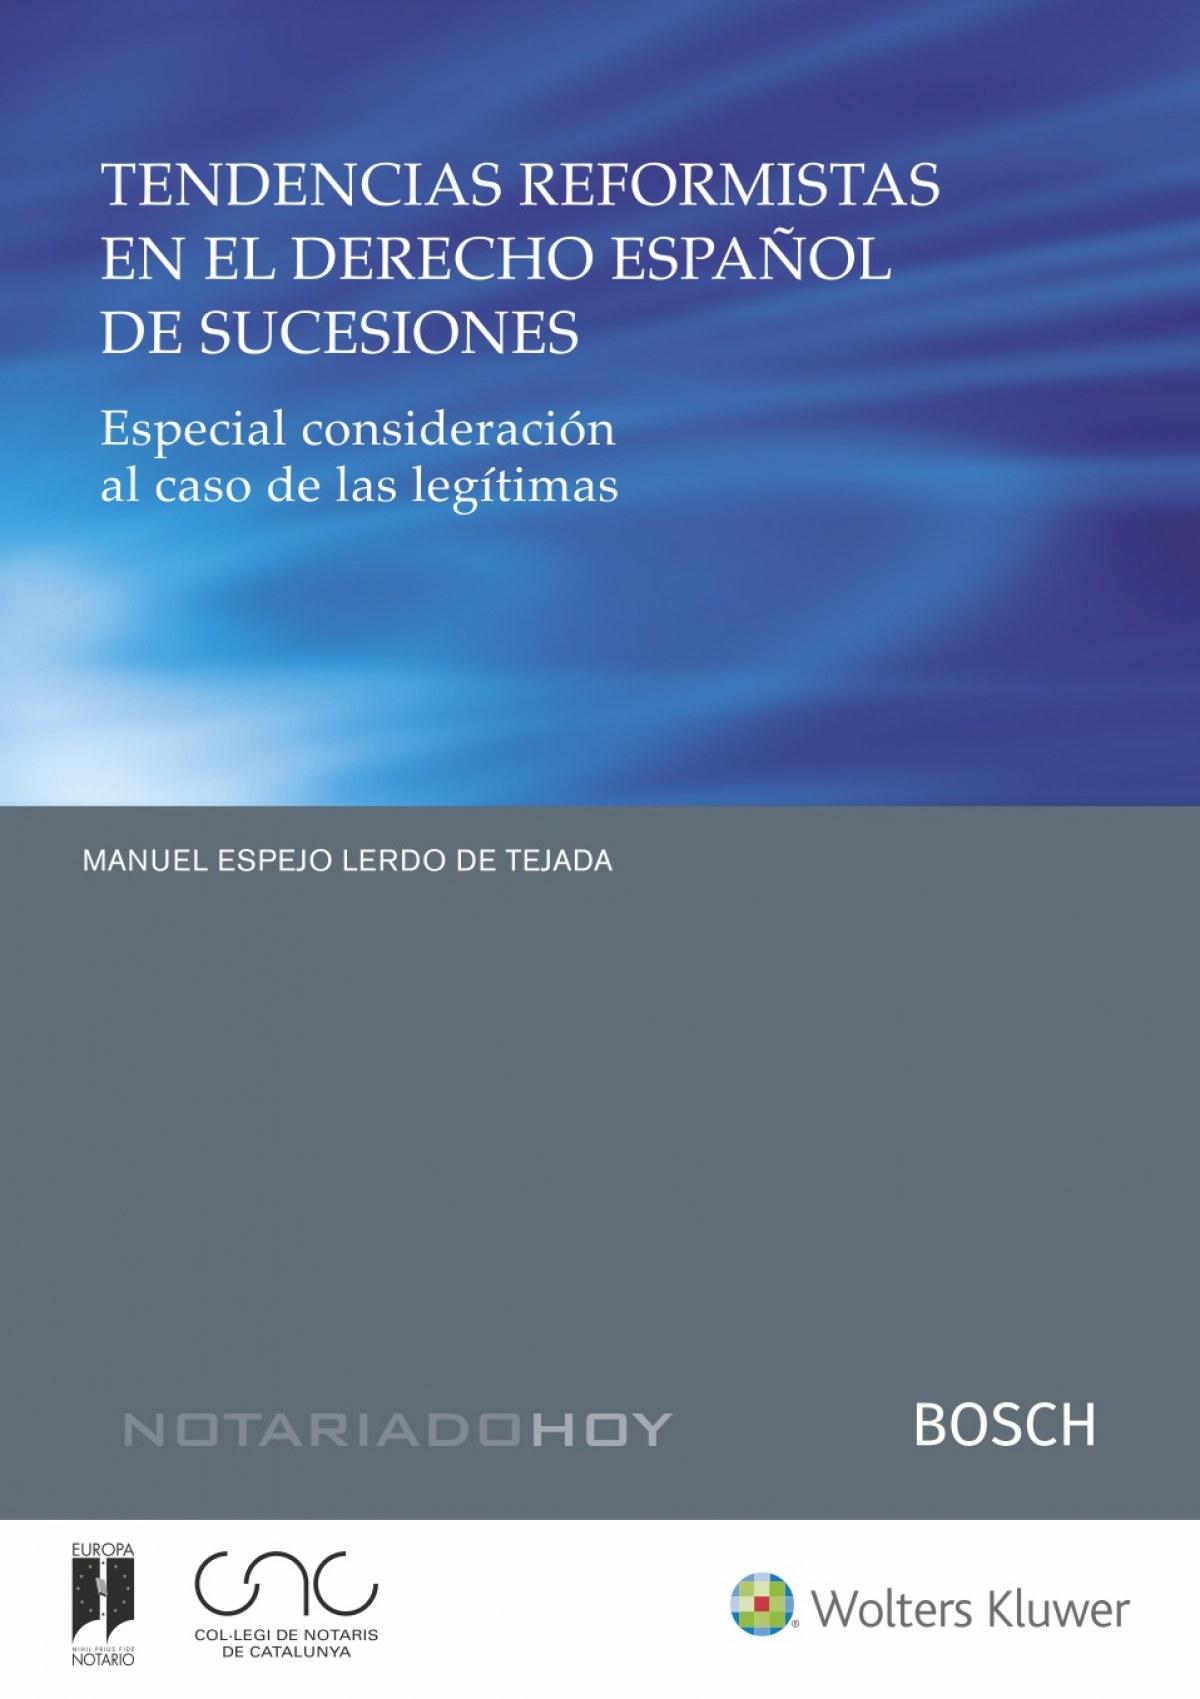 Tendencias reformistas en el derecho español de sucesiones